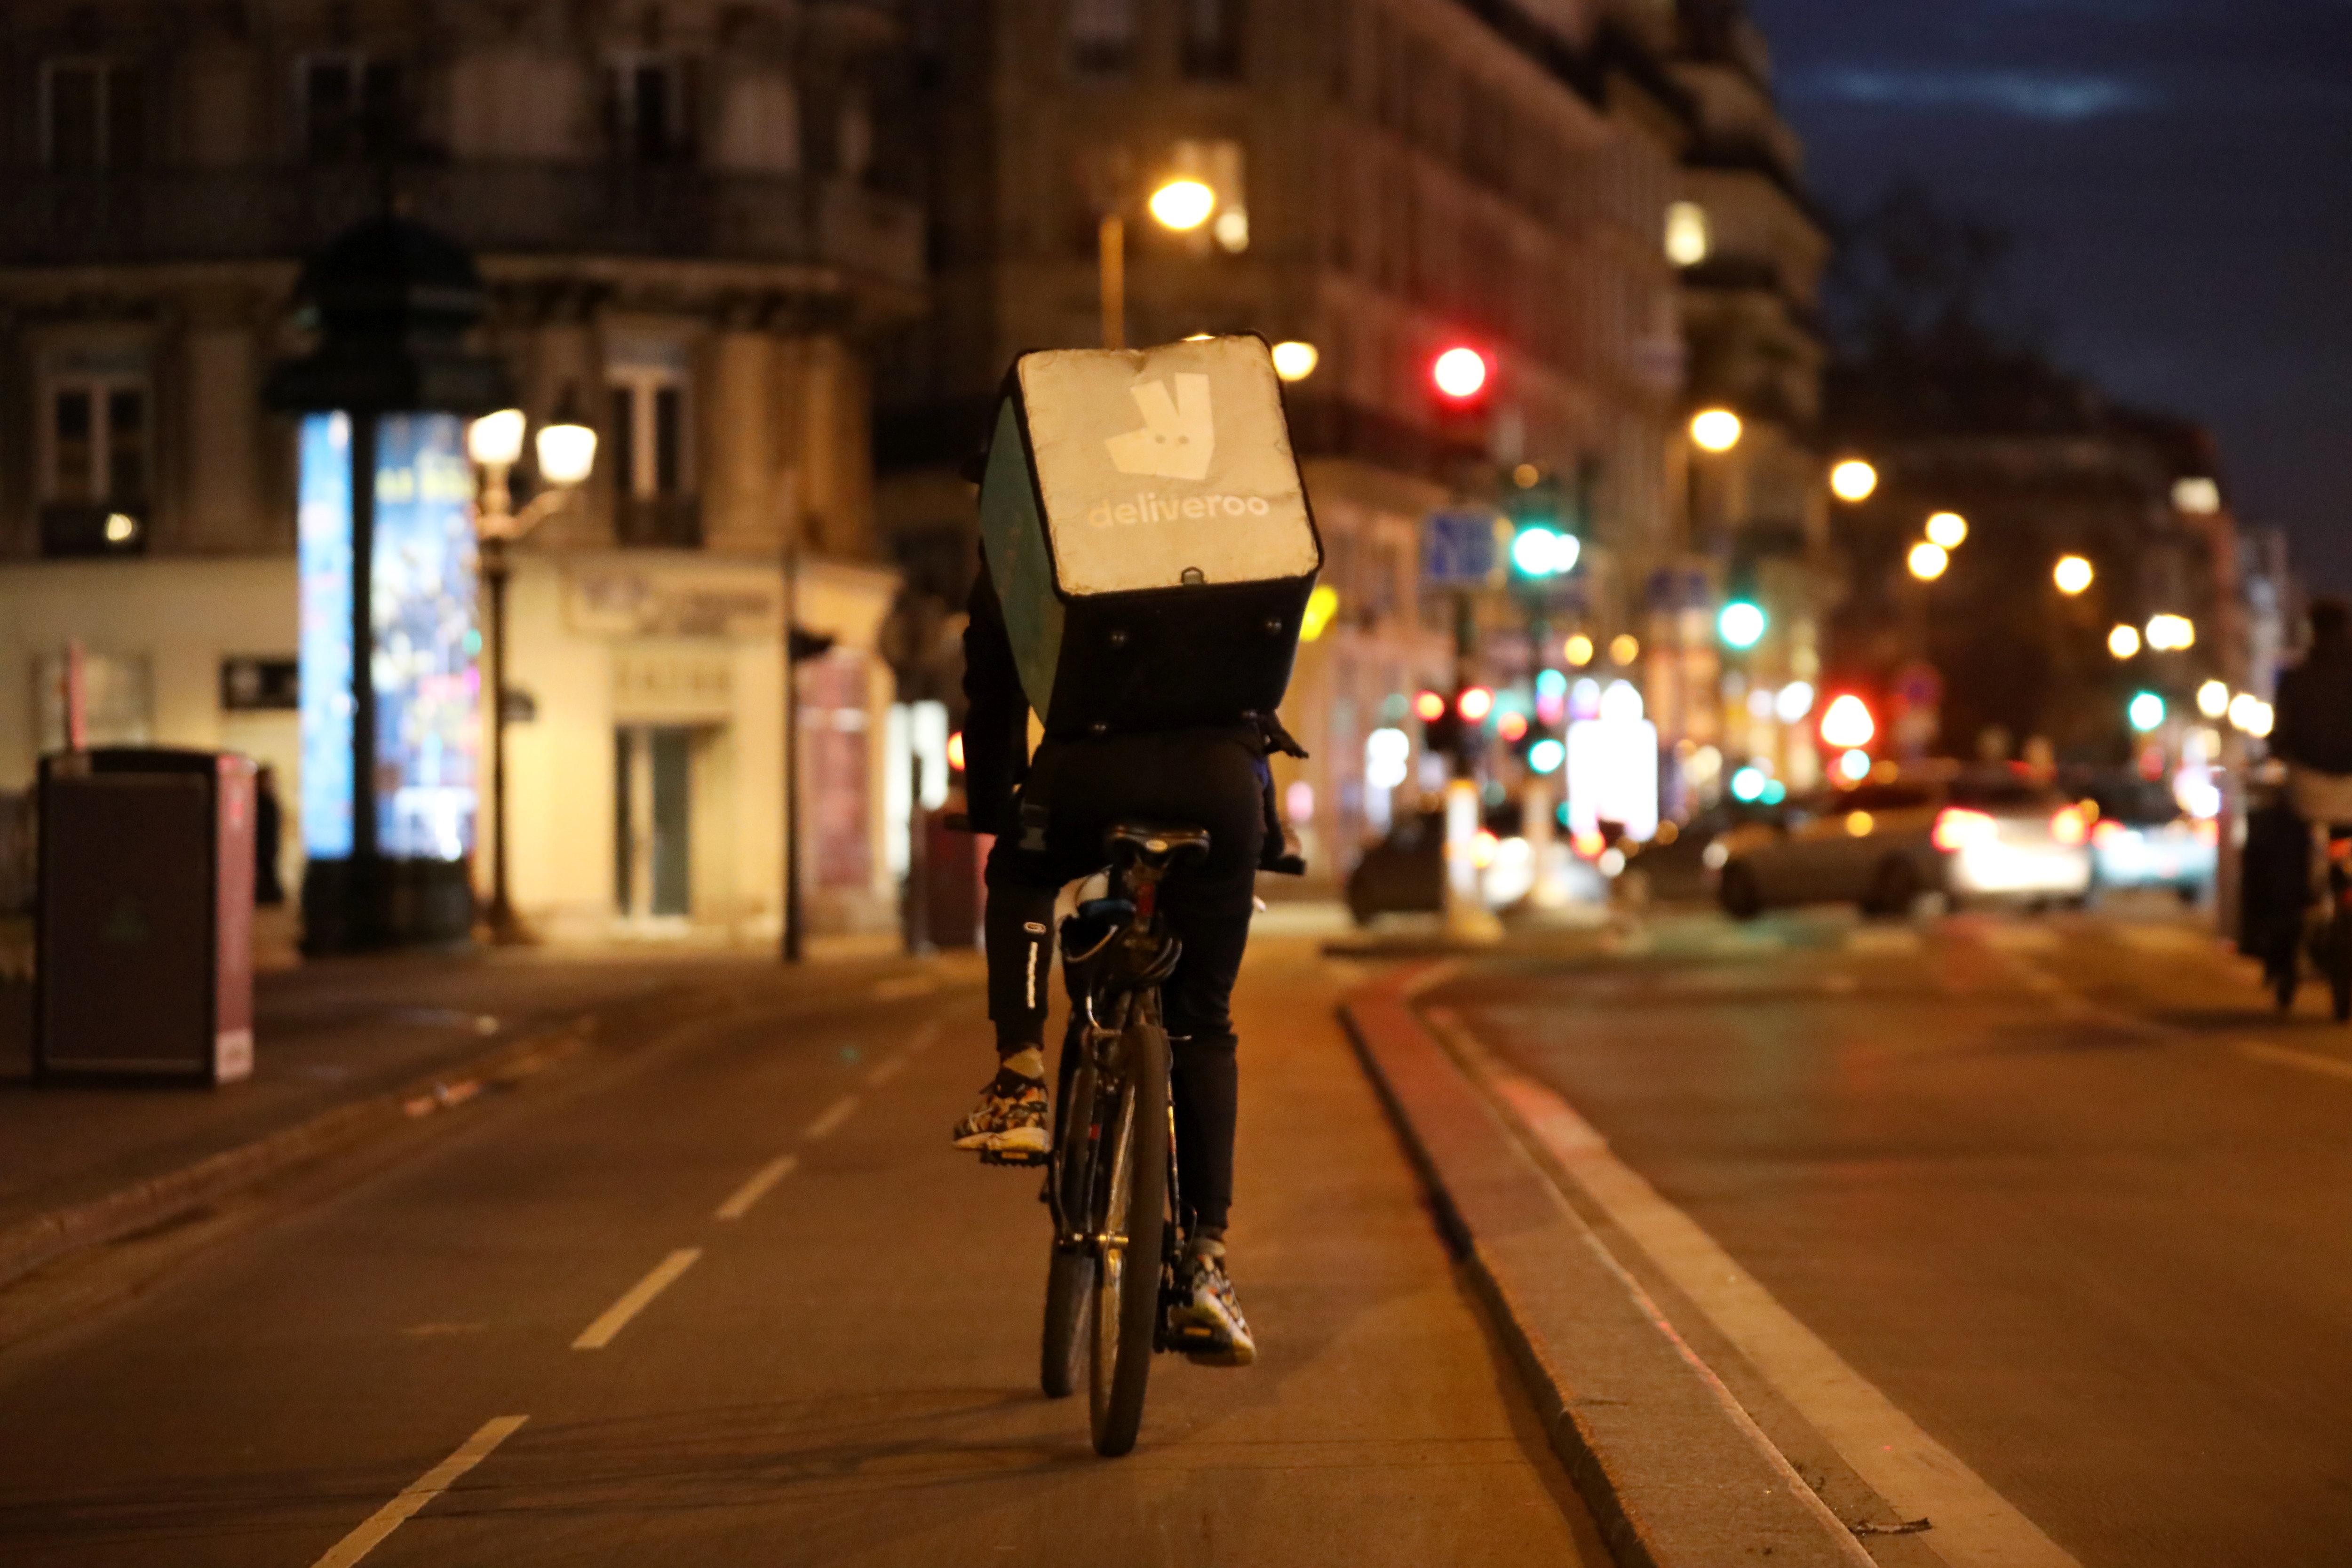 Deliveroo promet jusqu'à 11600 euros à ses meilleurs livreurs le jour de son introduction en bourse - Le Parisien